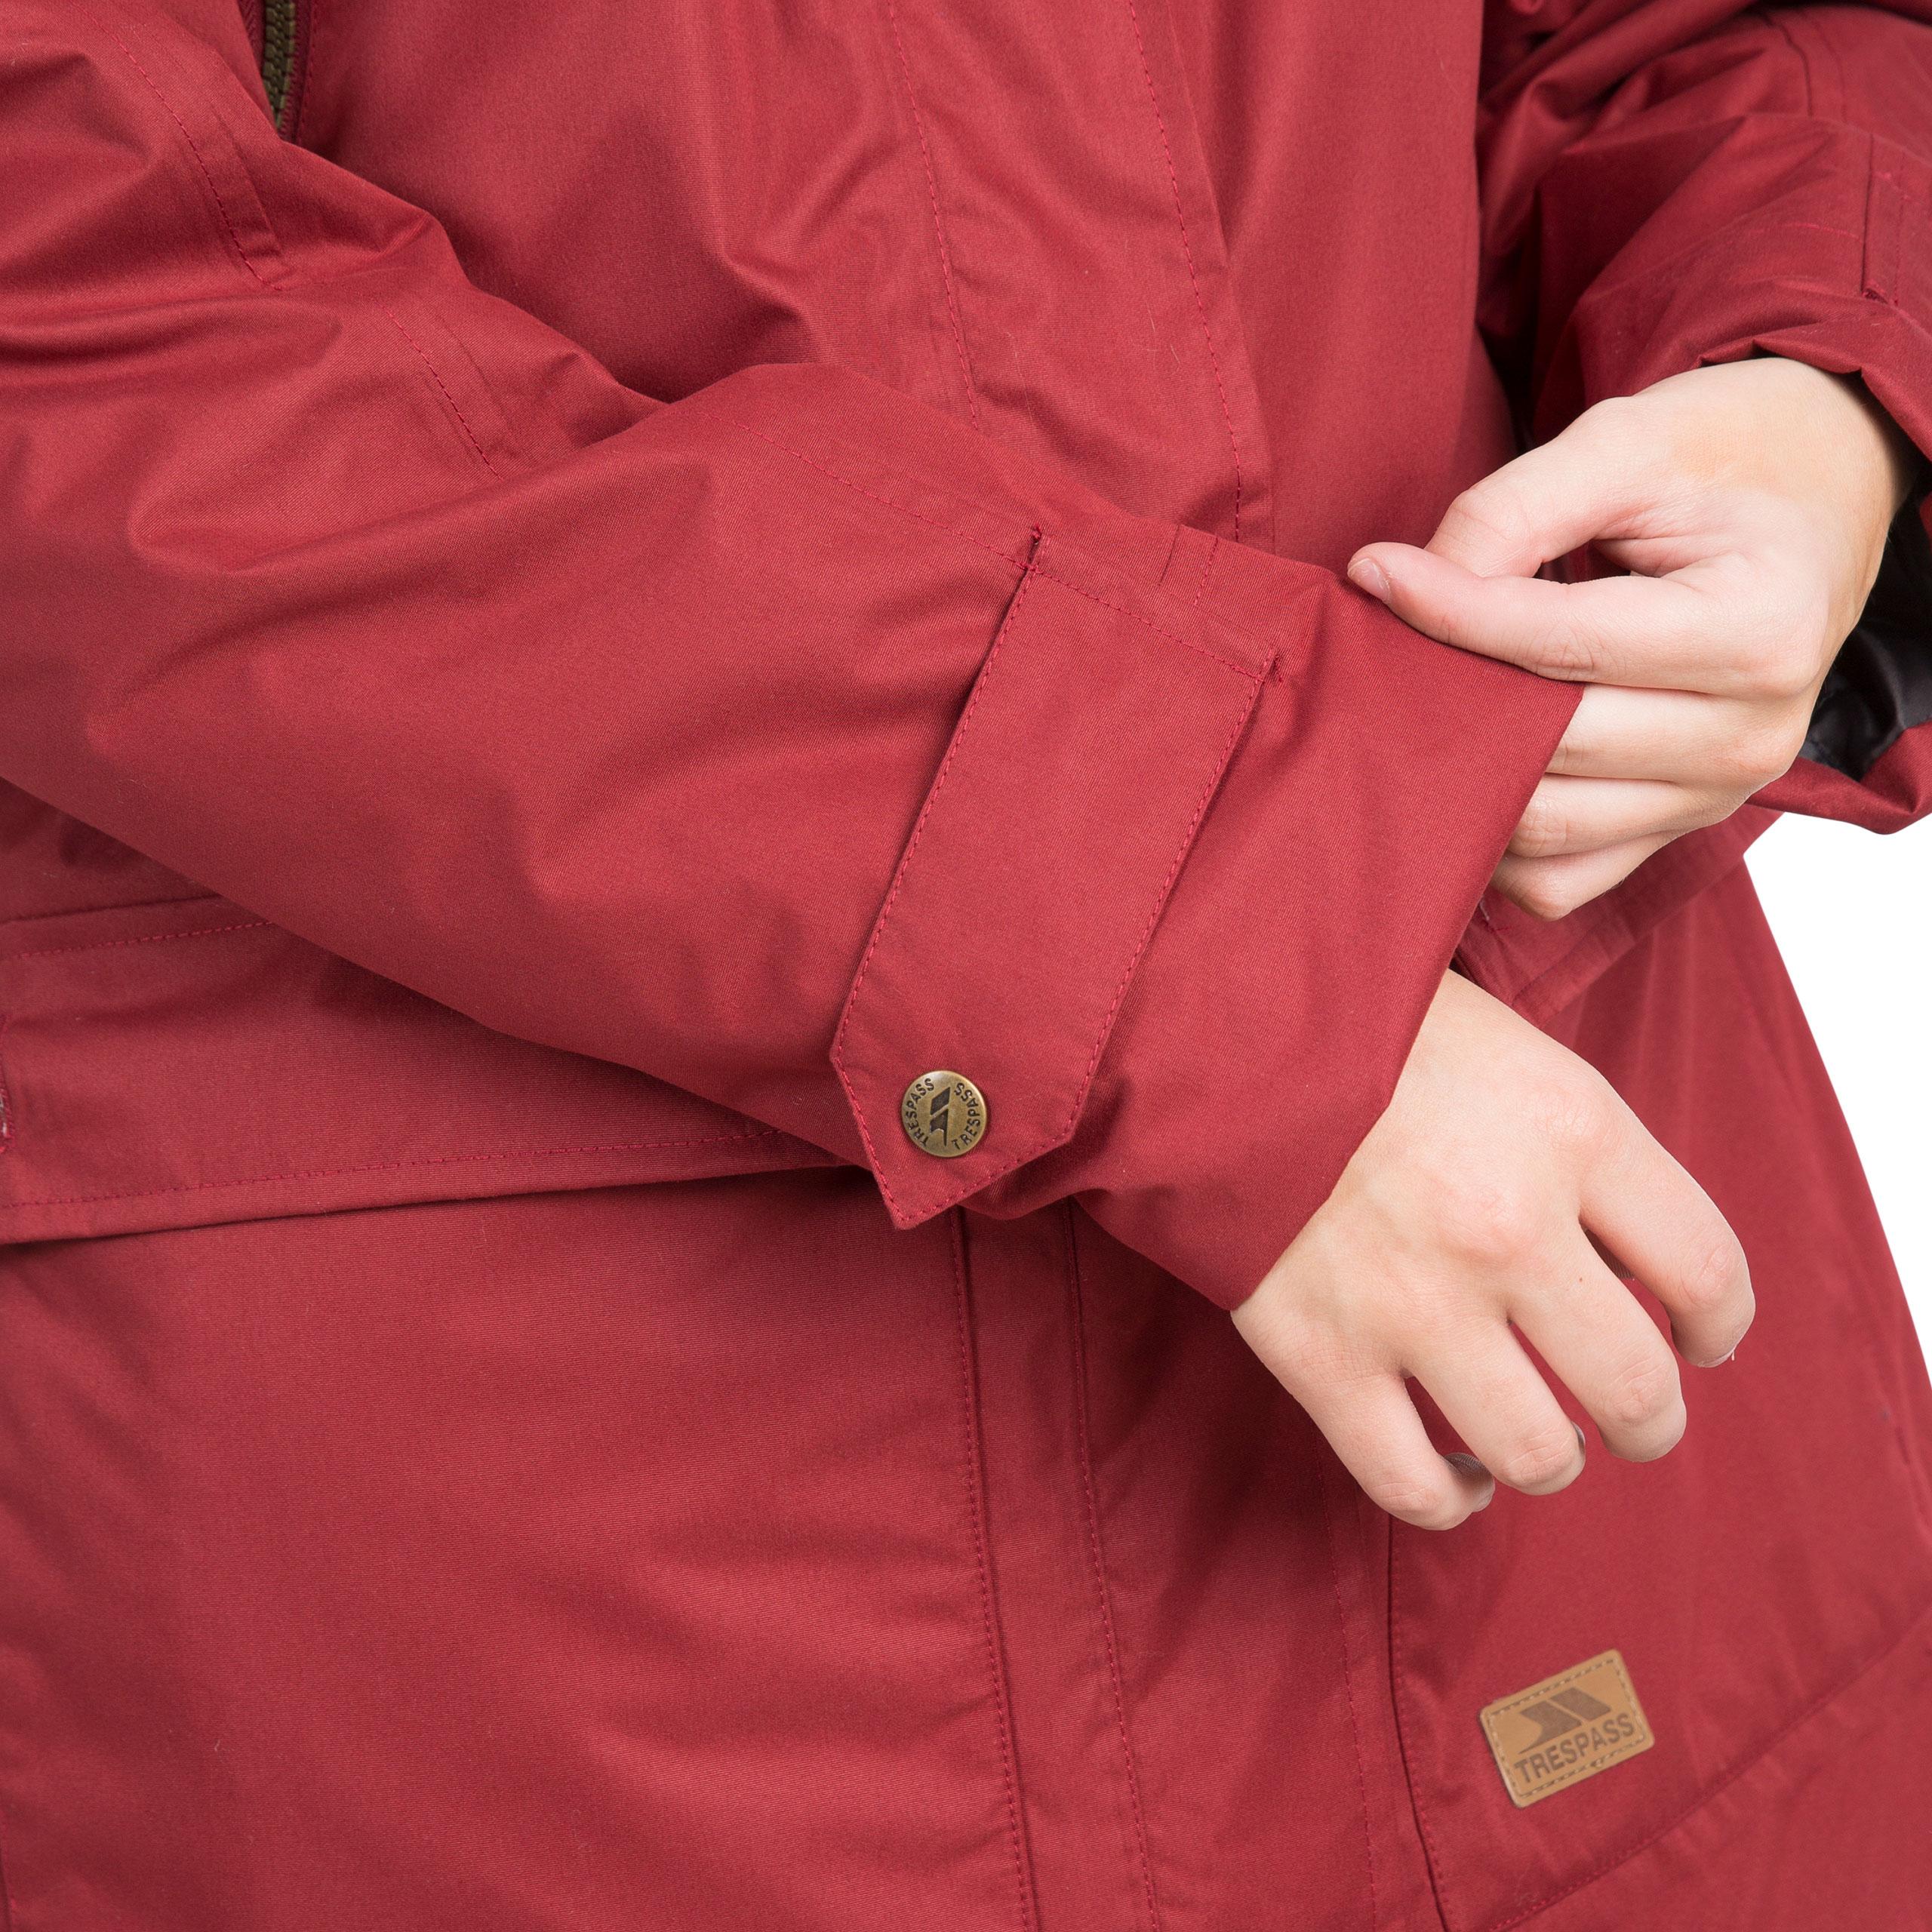 Trespass-Womens-Parka-Jacket-Waterproof-Hooded-Fur-Winter-Coat-XXS-XXXL thumbnail 19